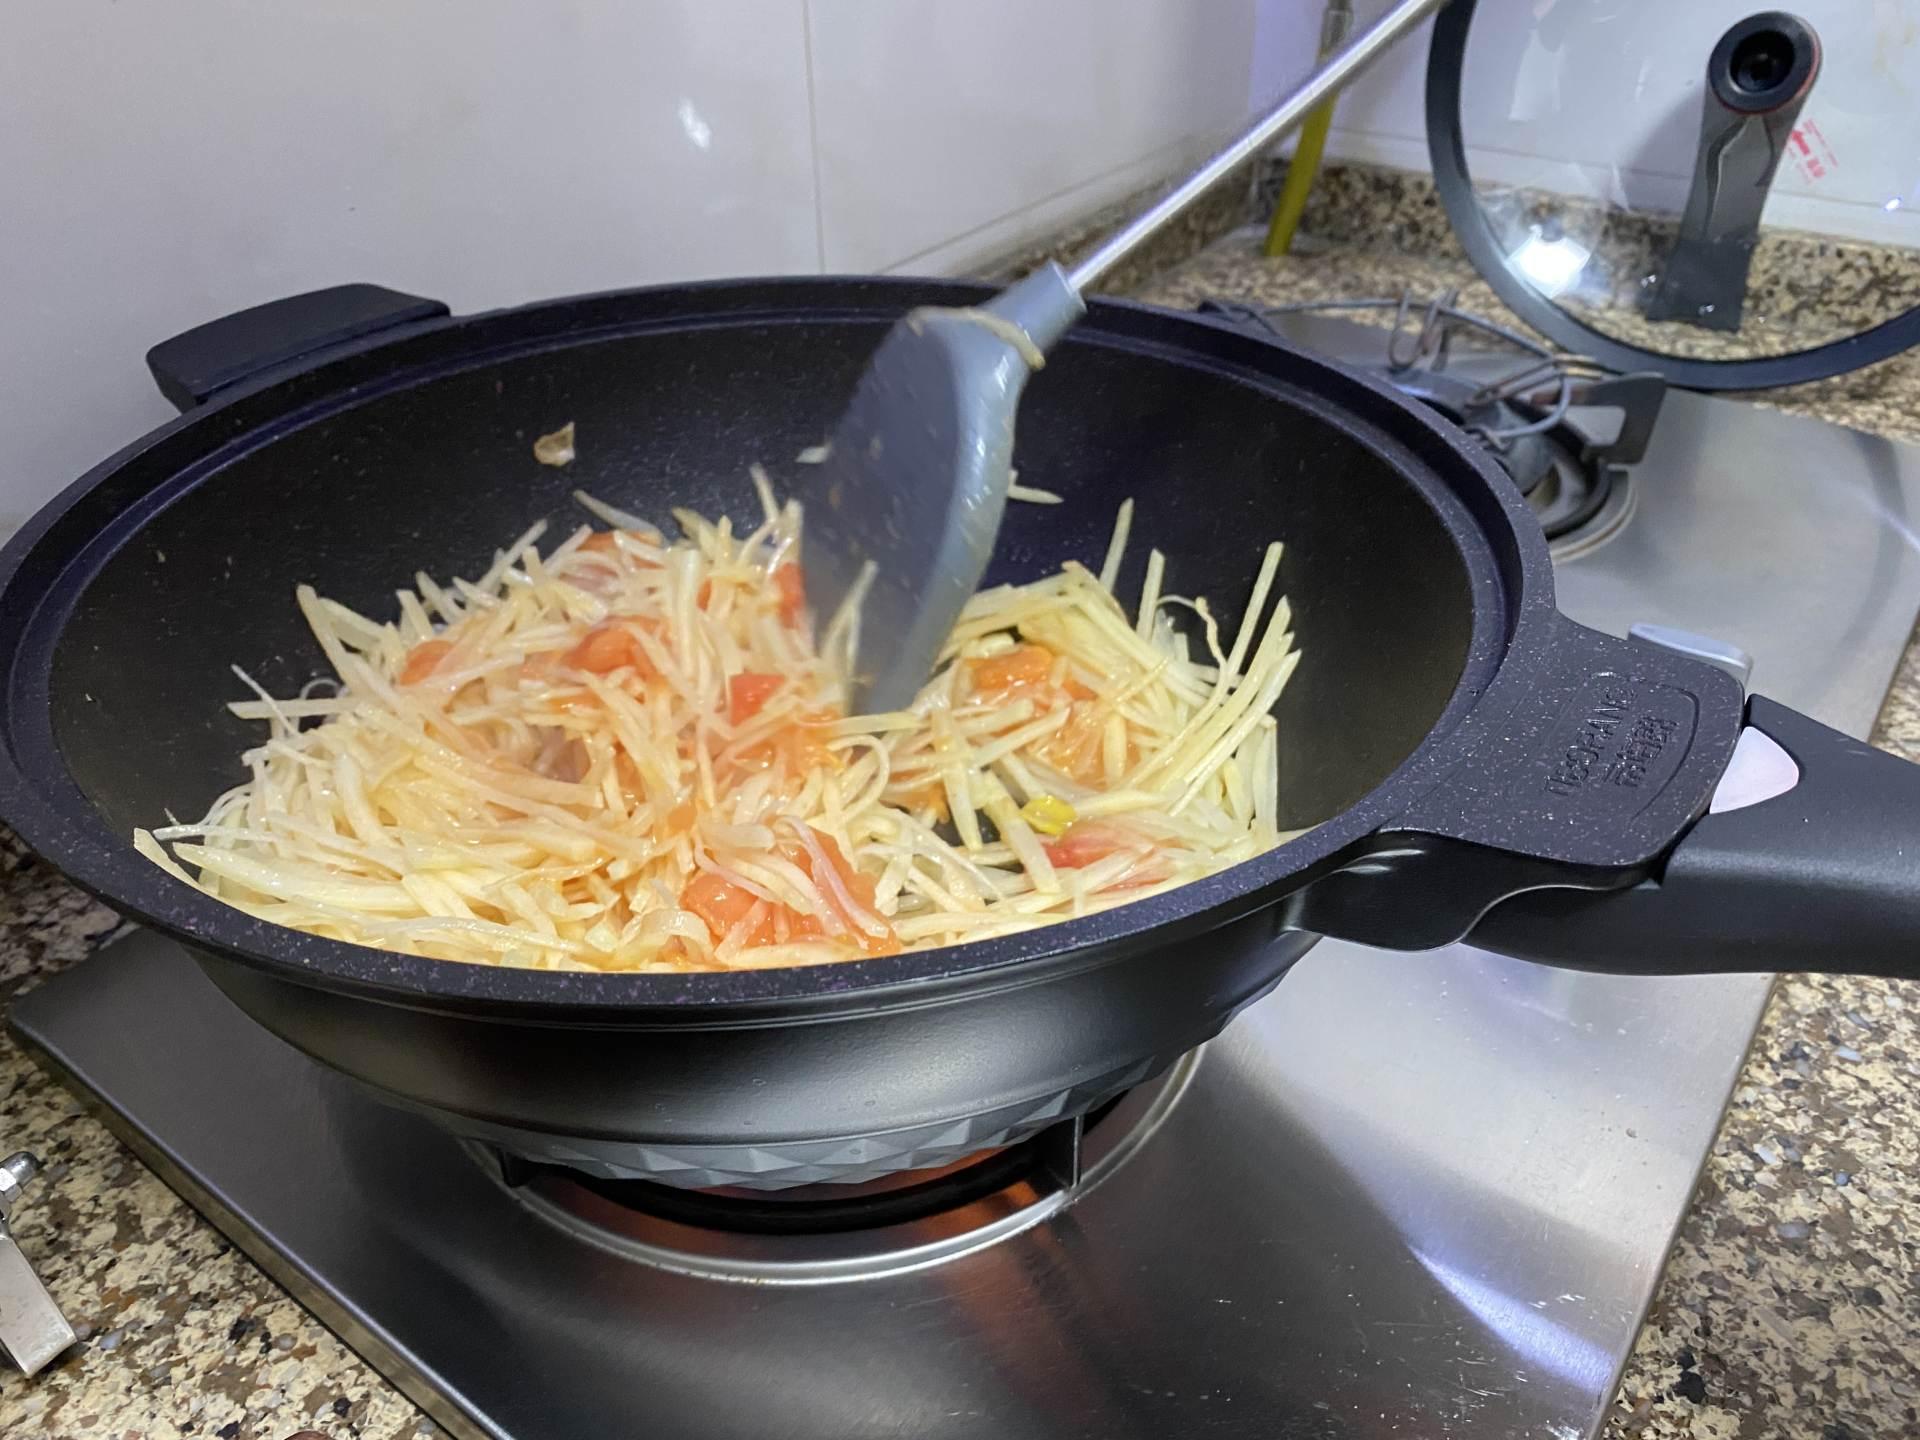 TIBORANG帝伯朗钛钻锅体验:一口锅PK整个厨房